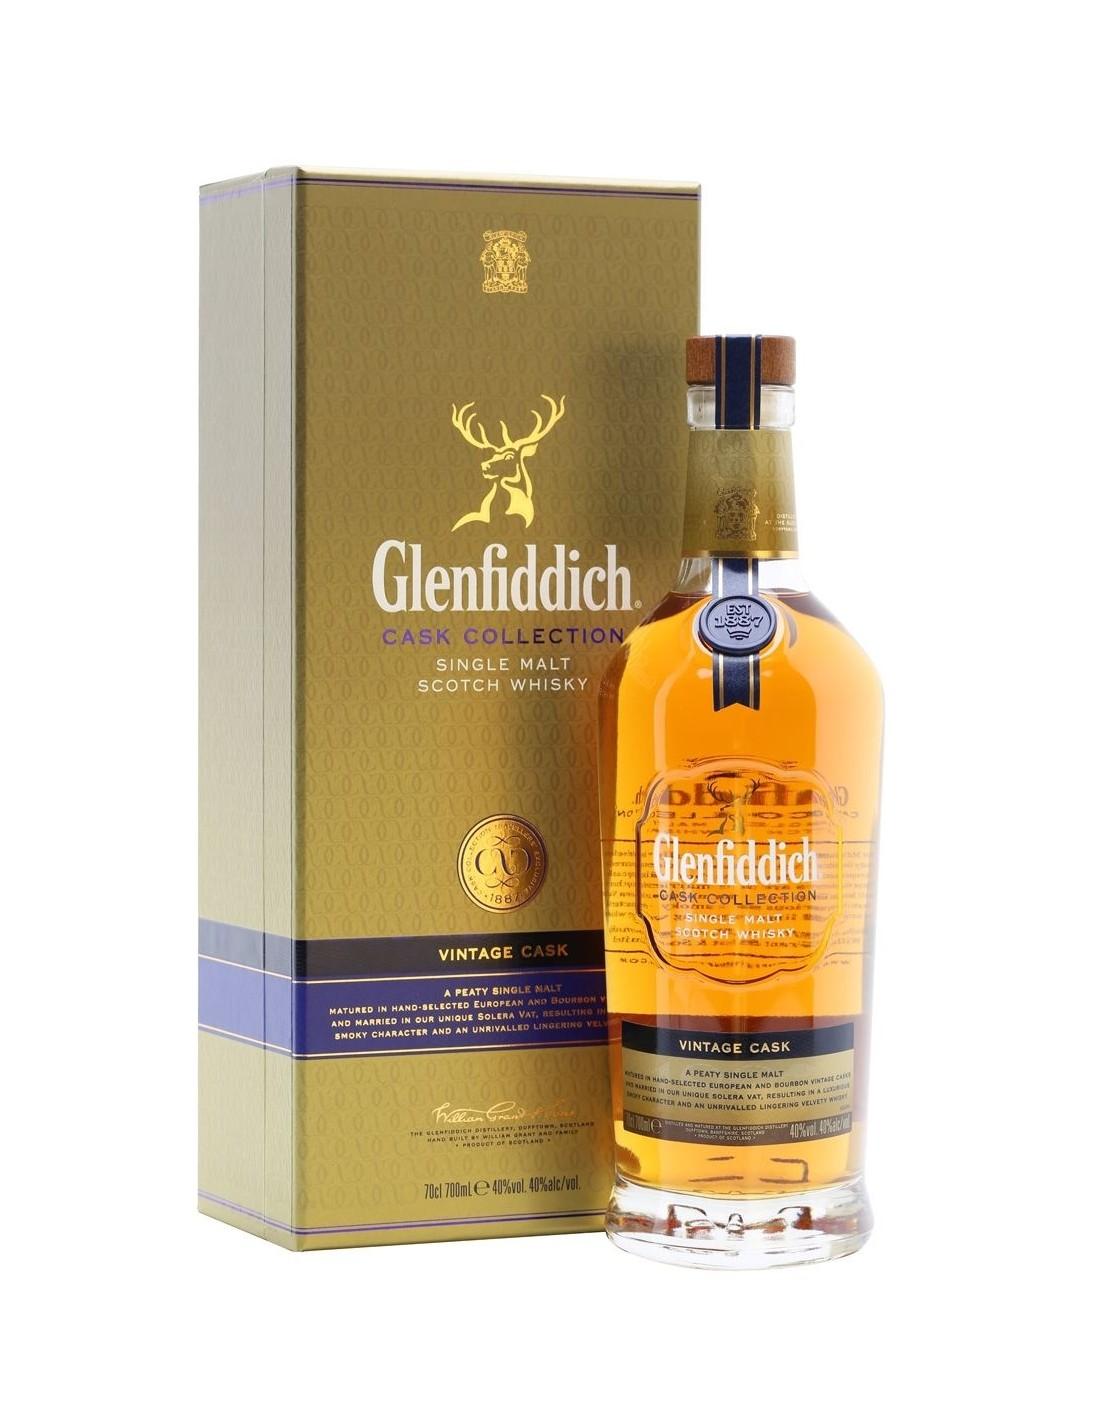 Whisky Glenfiddich Vintage Cask, 40% alc., 0.7L, Scotia